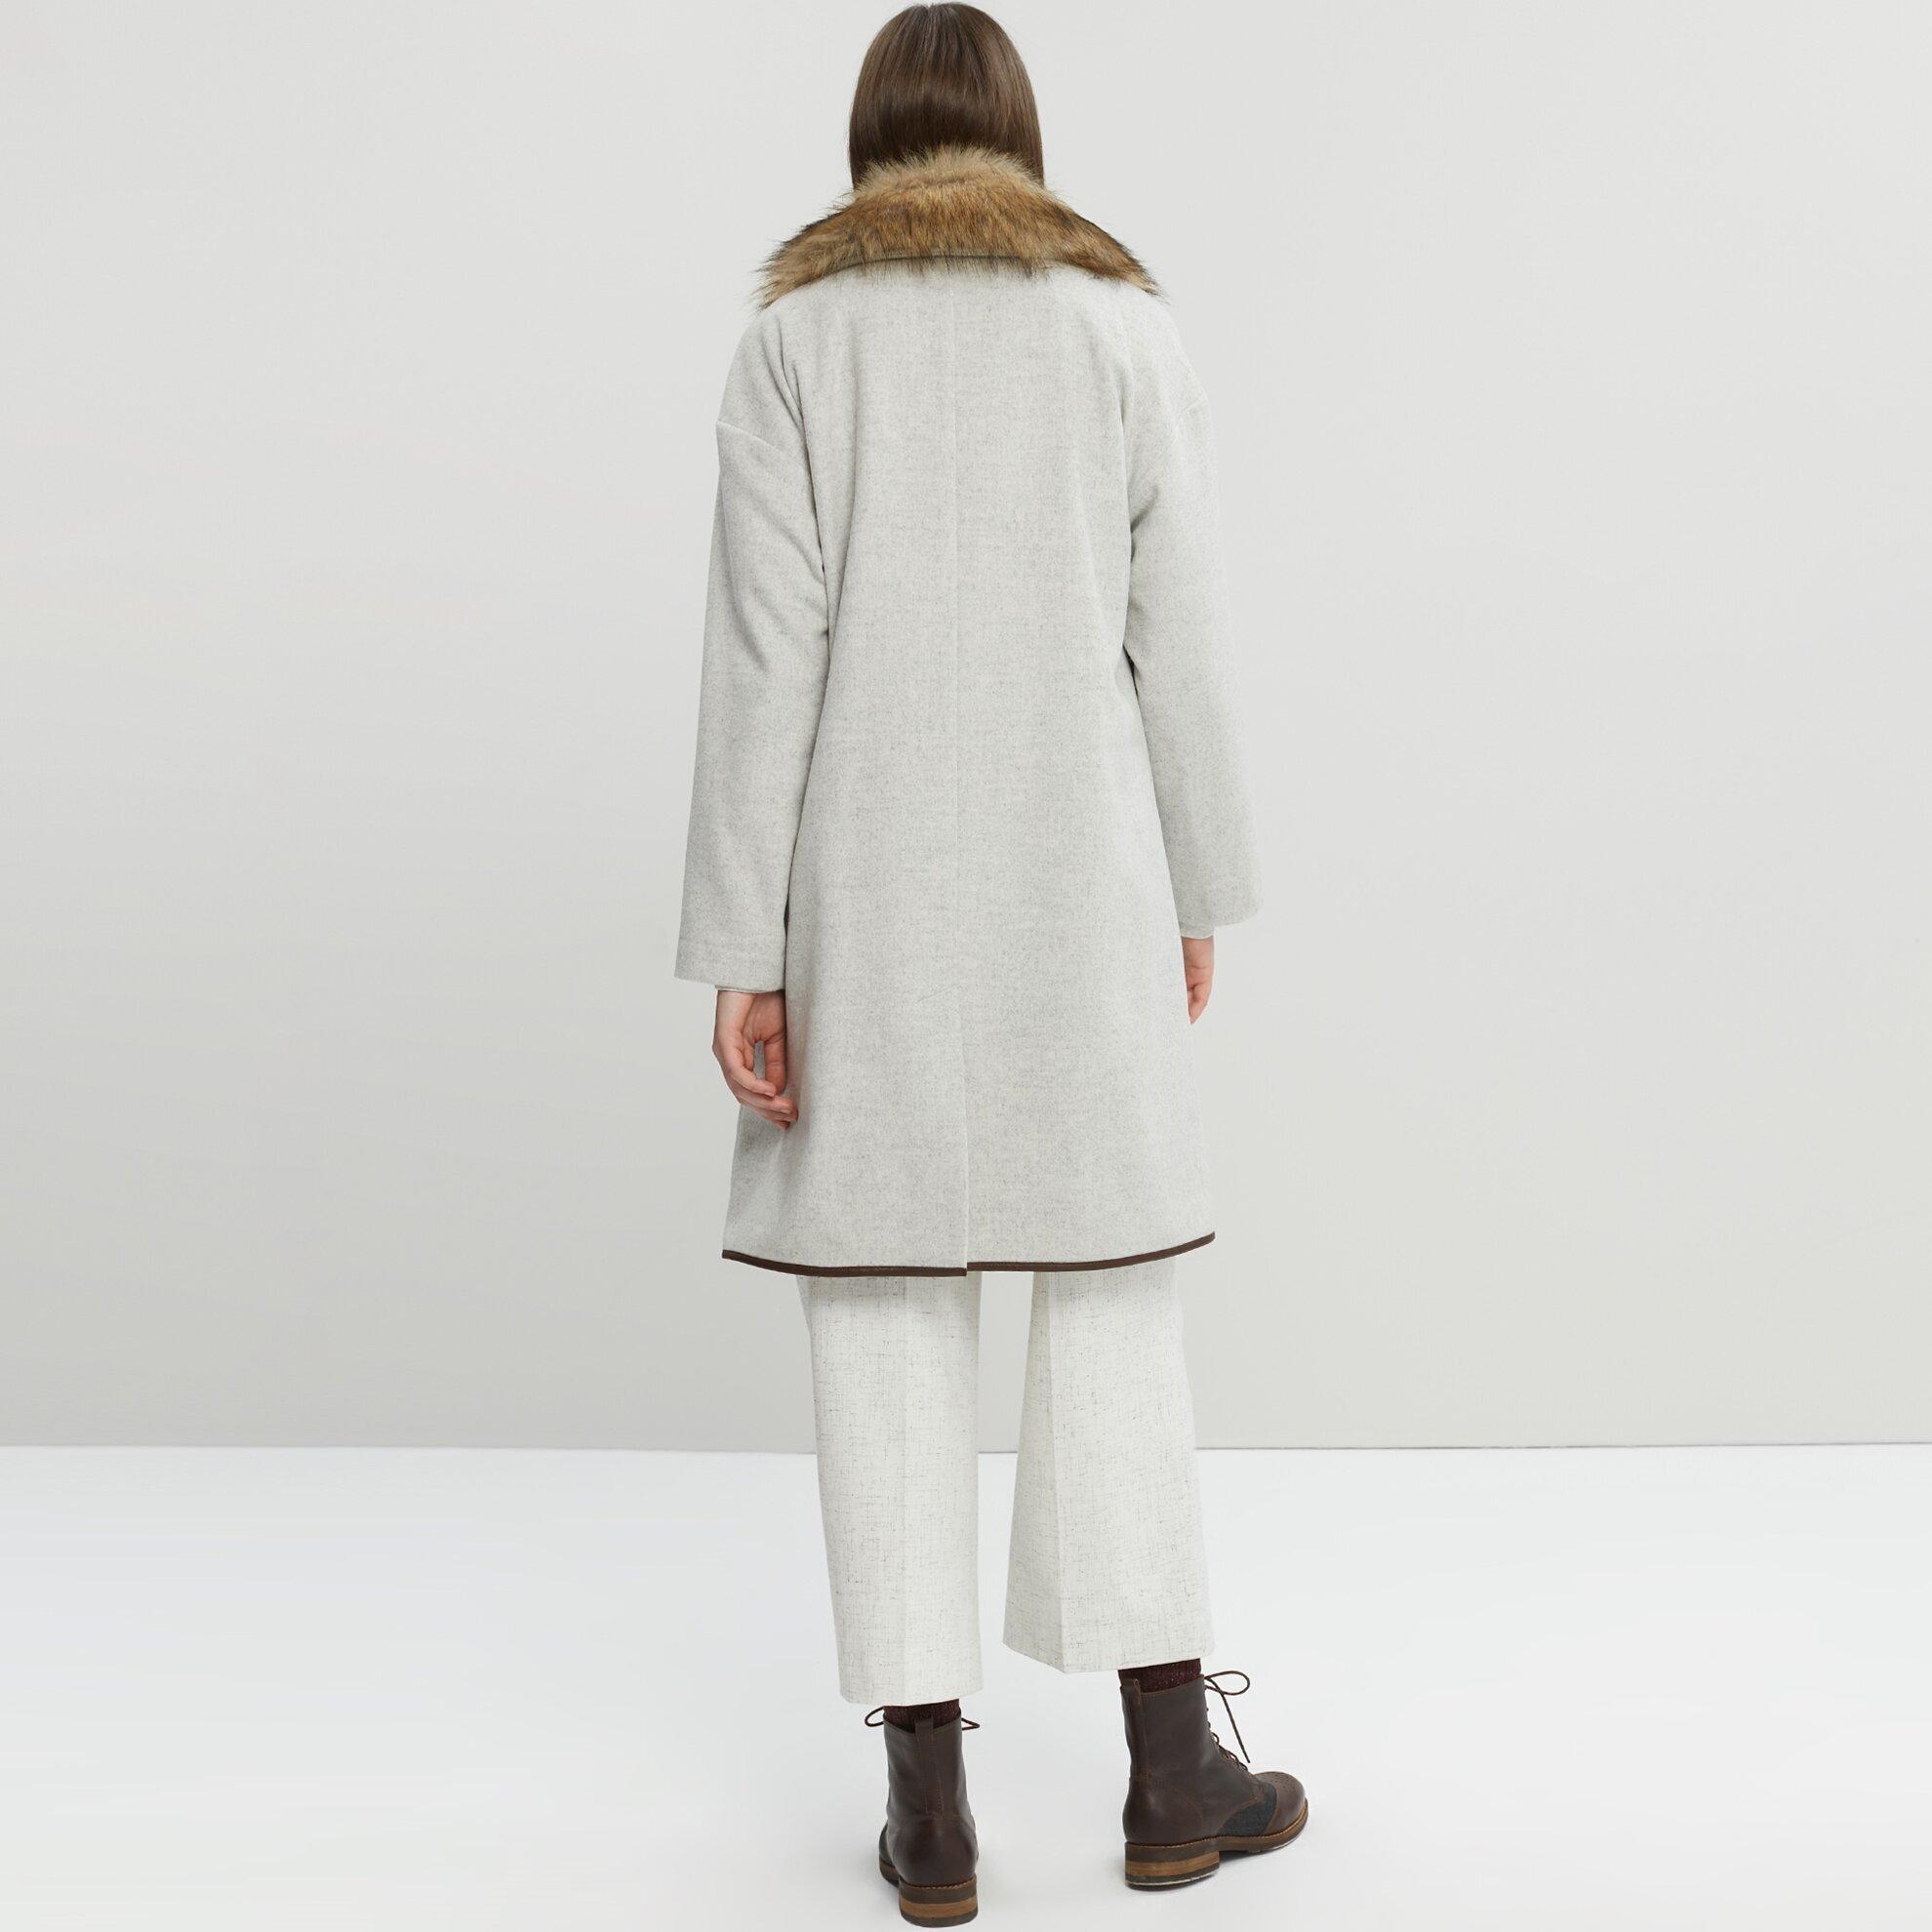 Und Kunstfellkragen Mantel Ledernähten Damen Mit qzMUVpGS